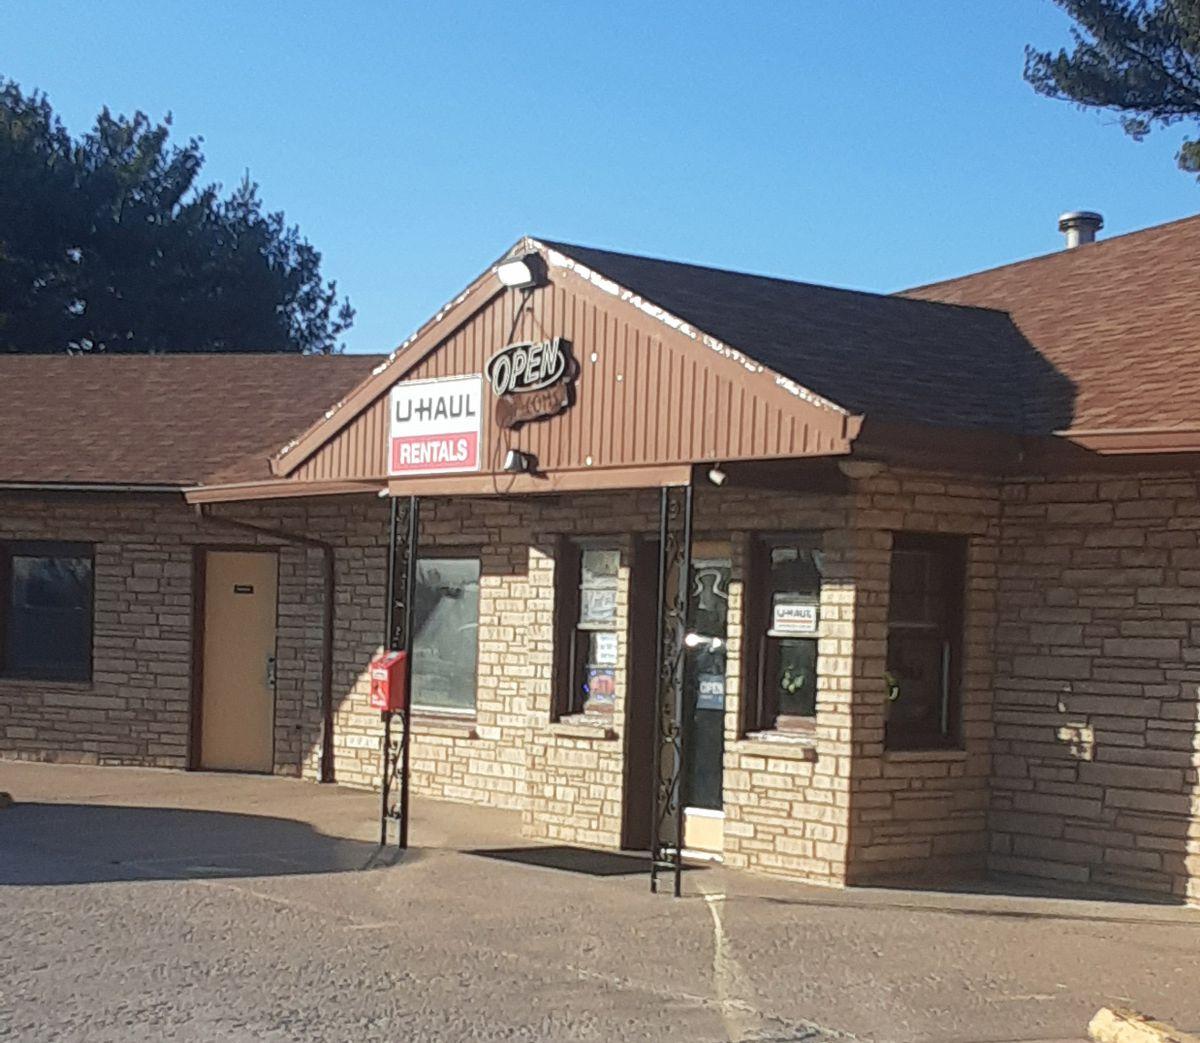 Budget Inn motel in Beardstown, Ill.